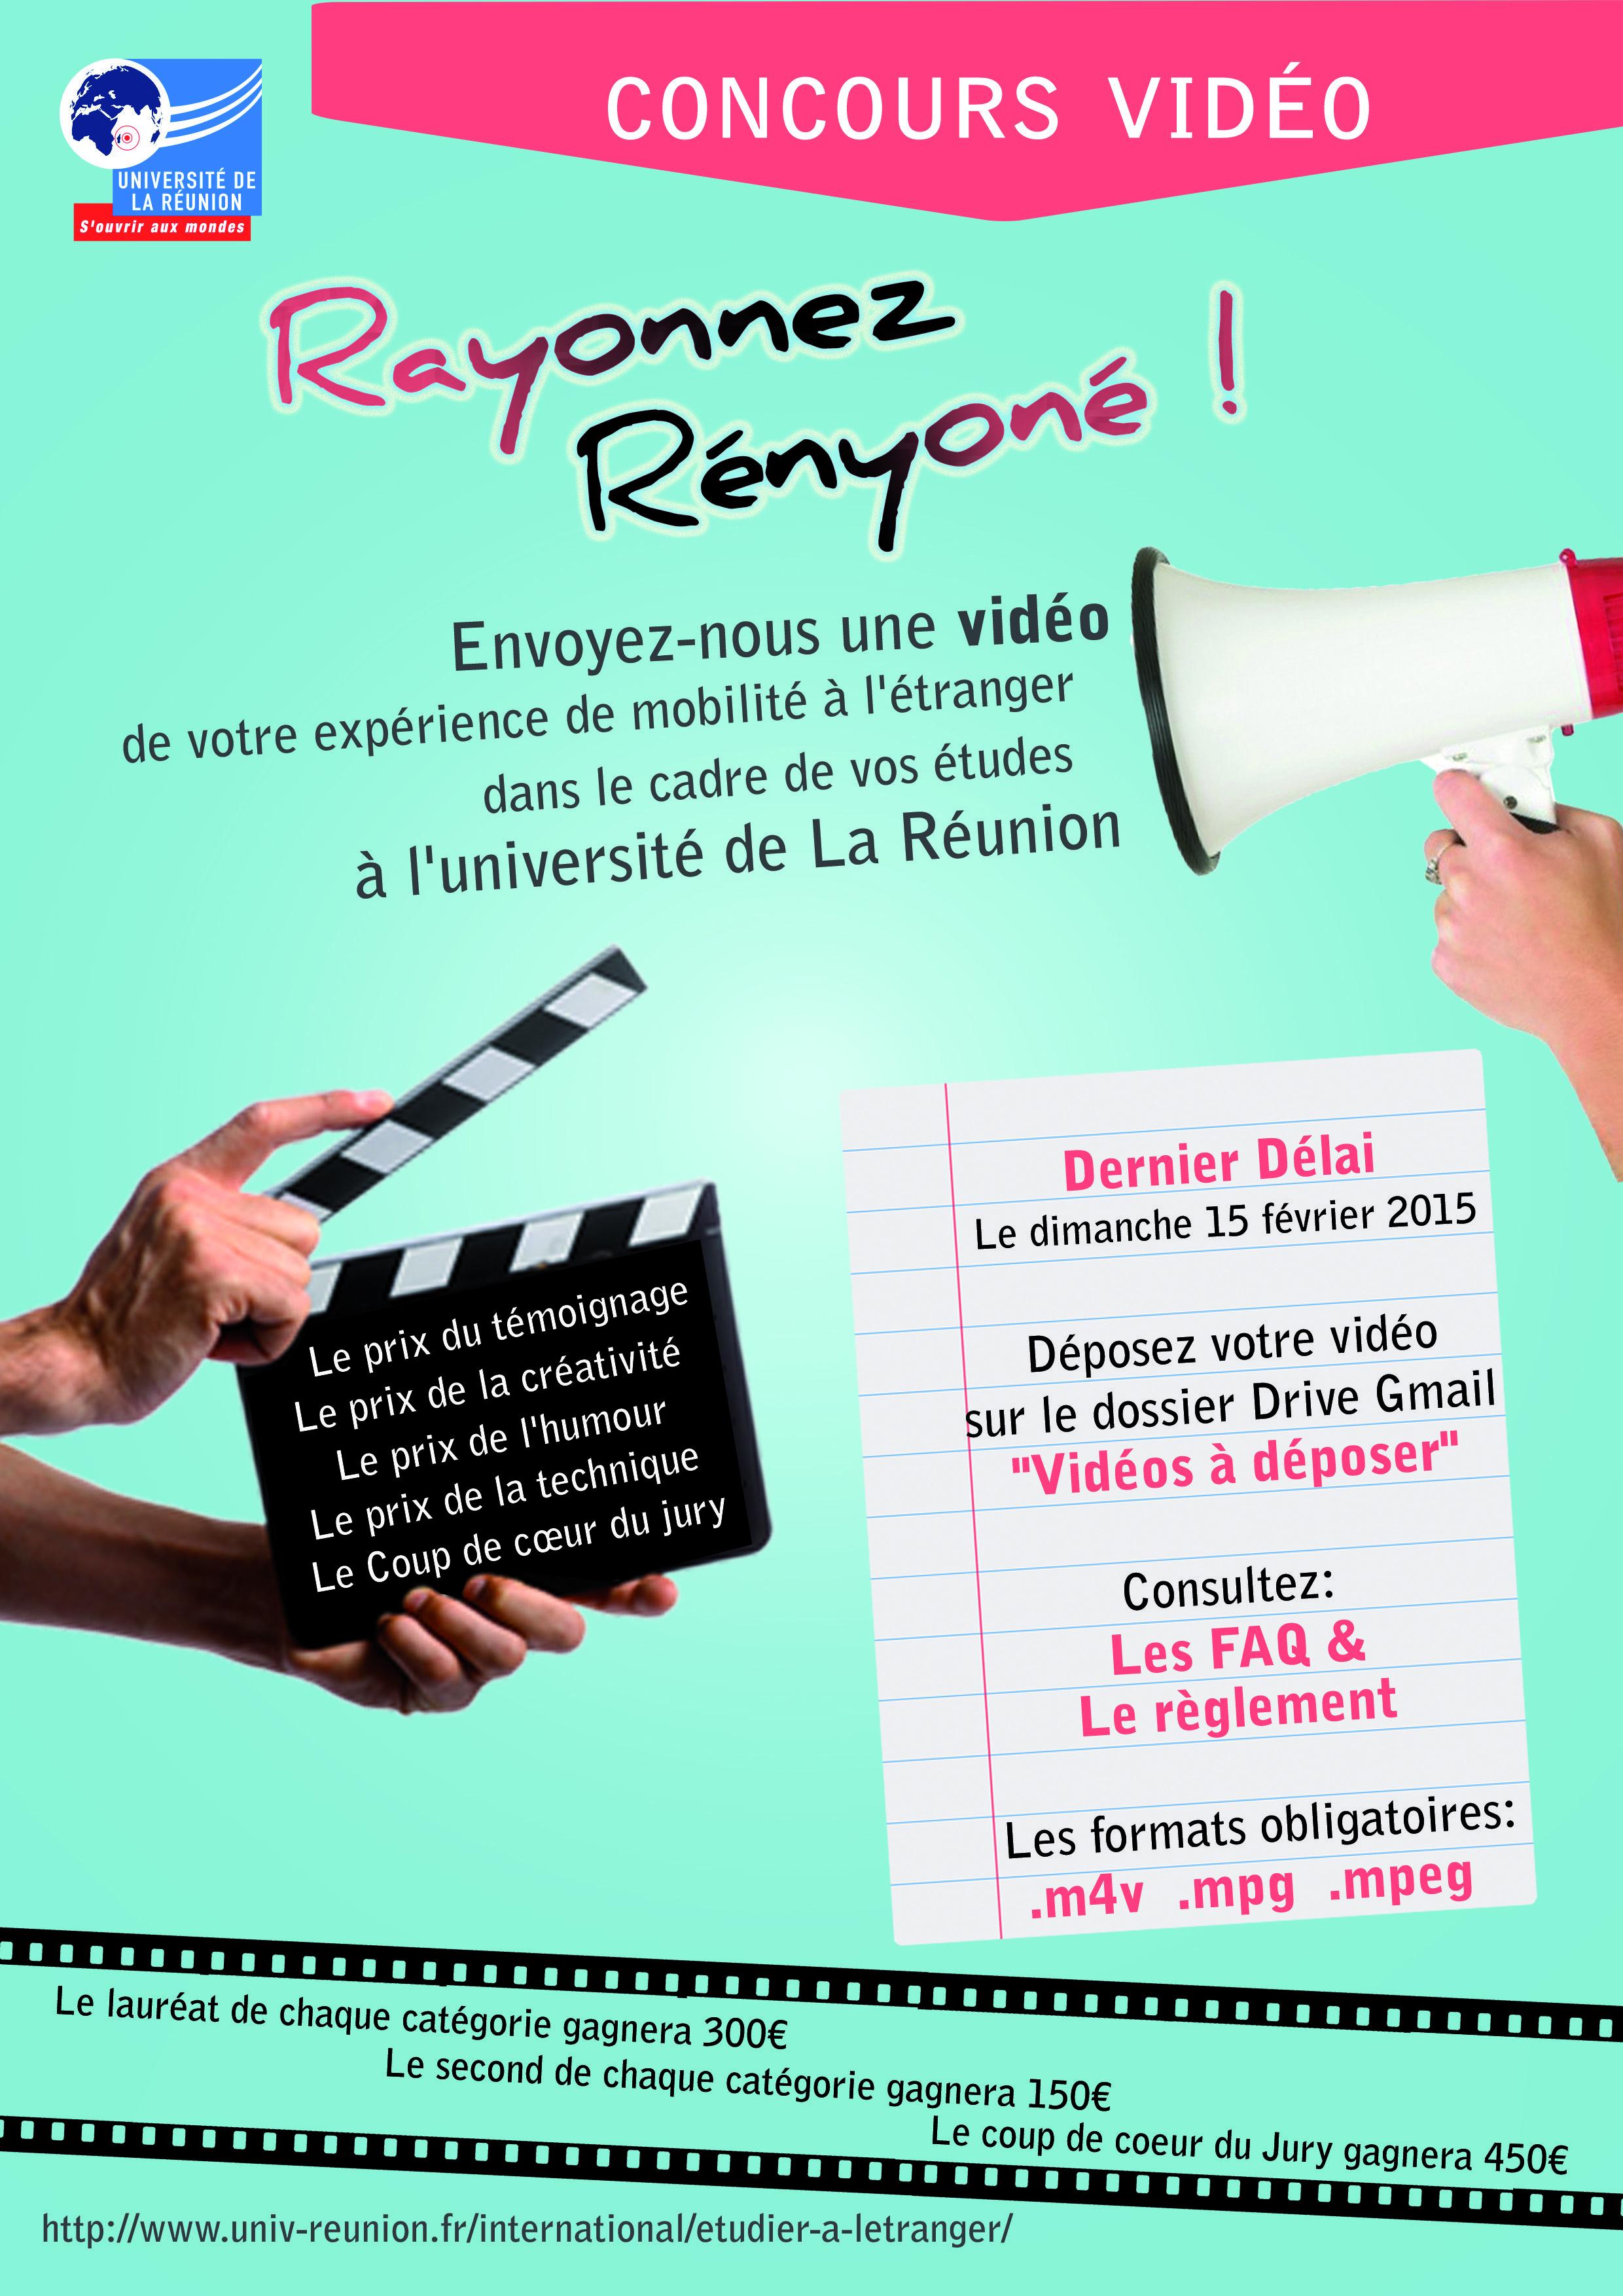 Video contest Poster Universite de La Reunion